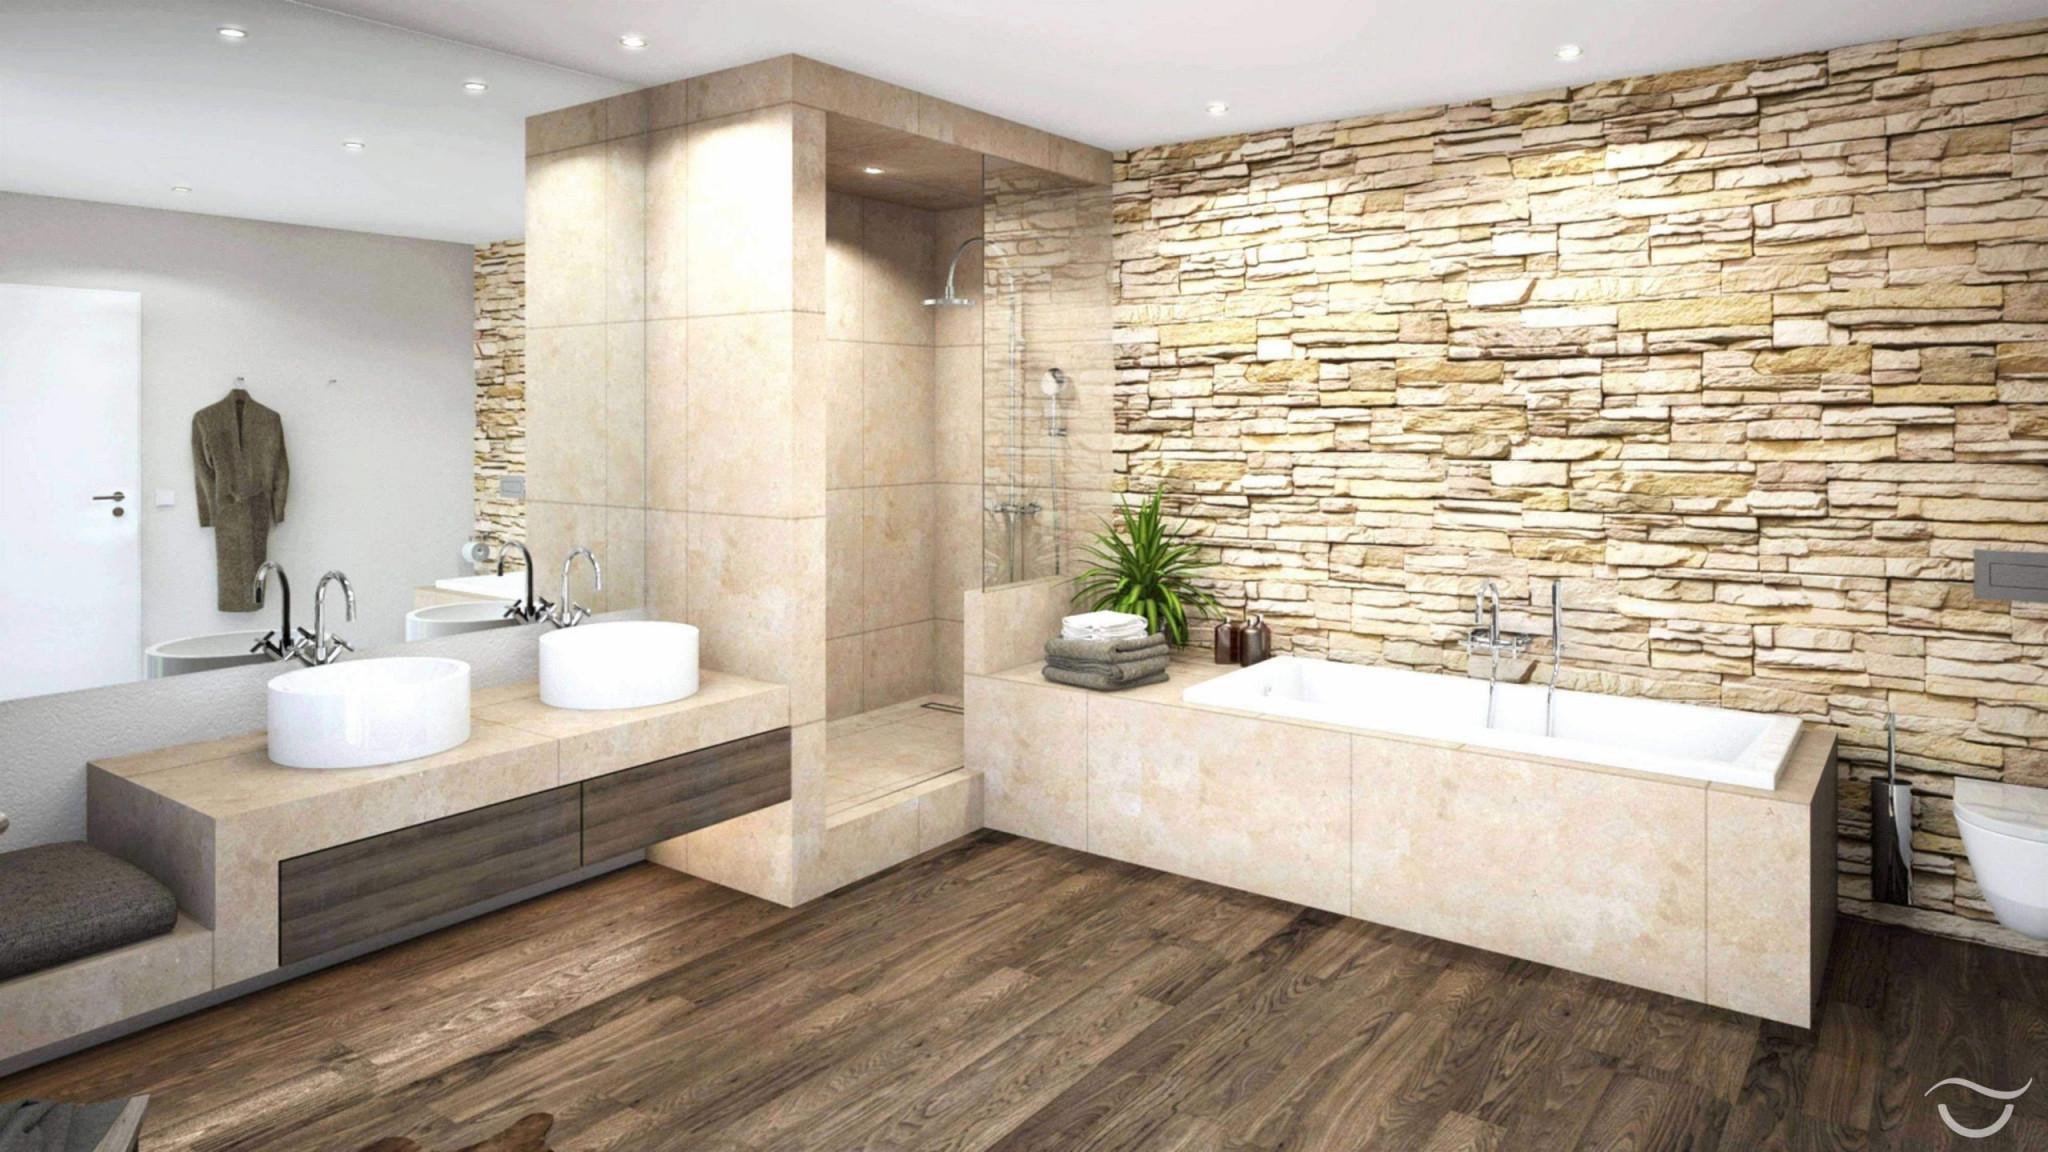 Wohnzimmer Ideen Landhausstil Modern Reizend 40 Einzigartig von Wohnzimmer Ideen Landhausstil Bild